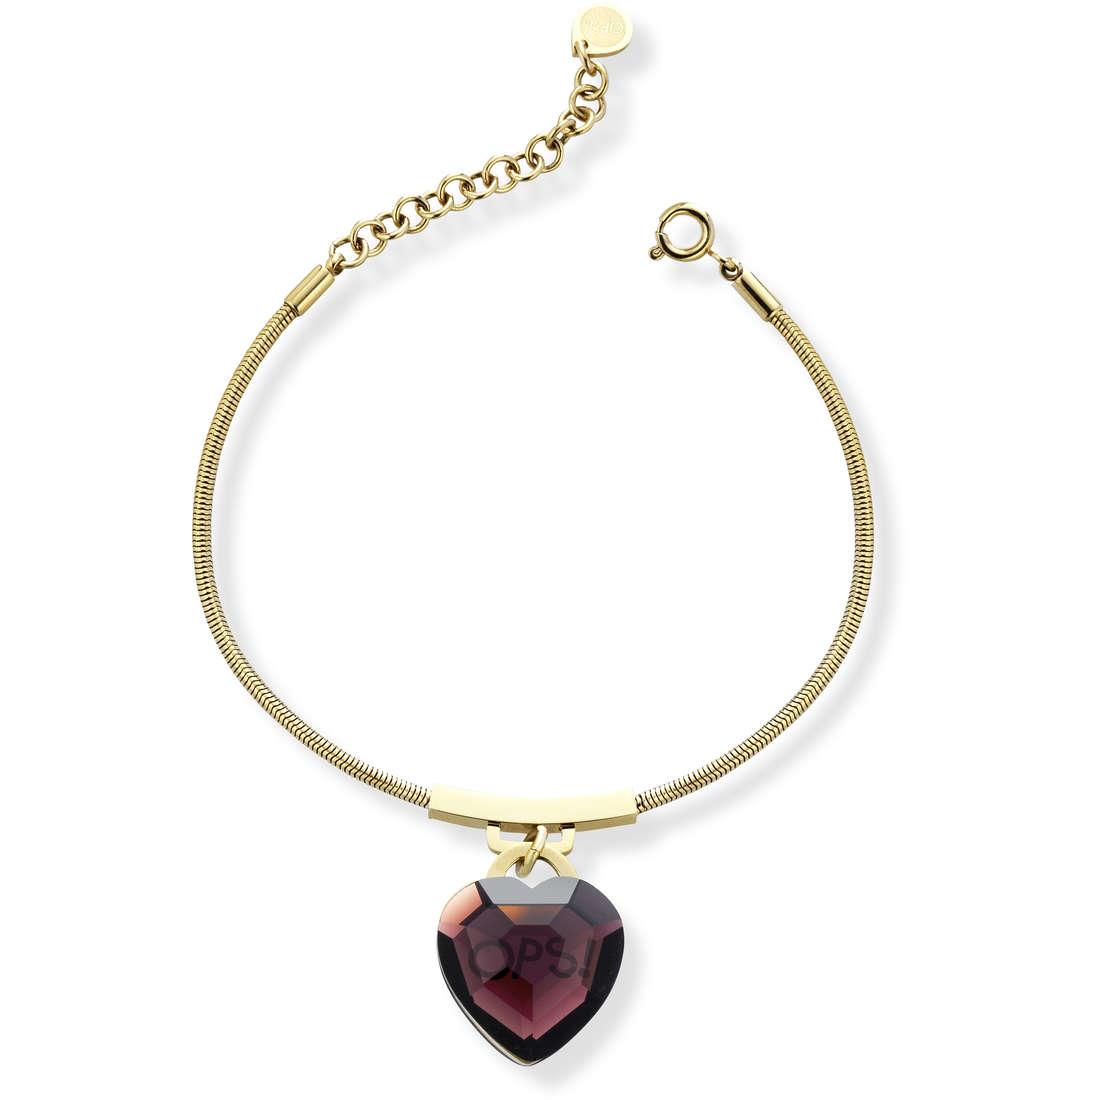 bracelet woman jewellery Ops Objects Shiny OPSBR-423